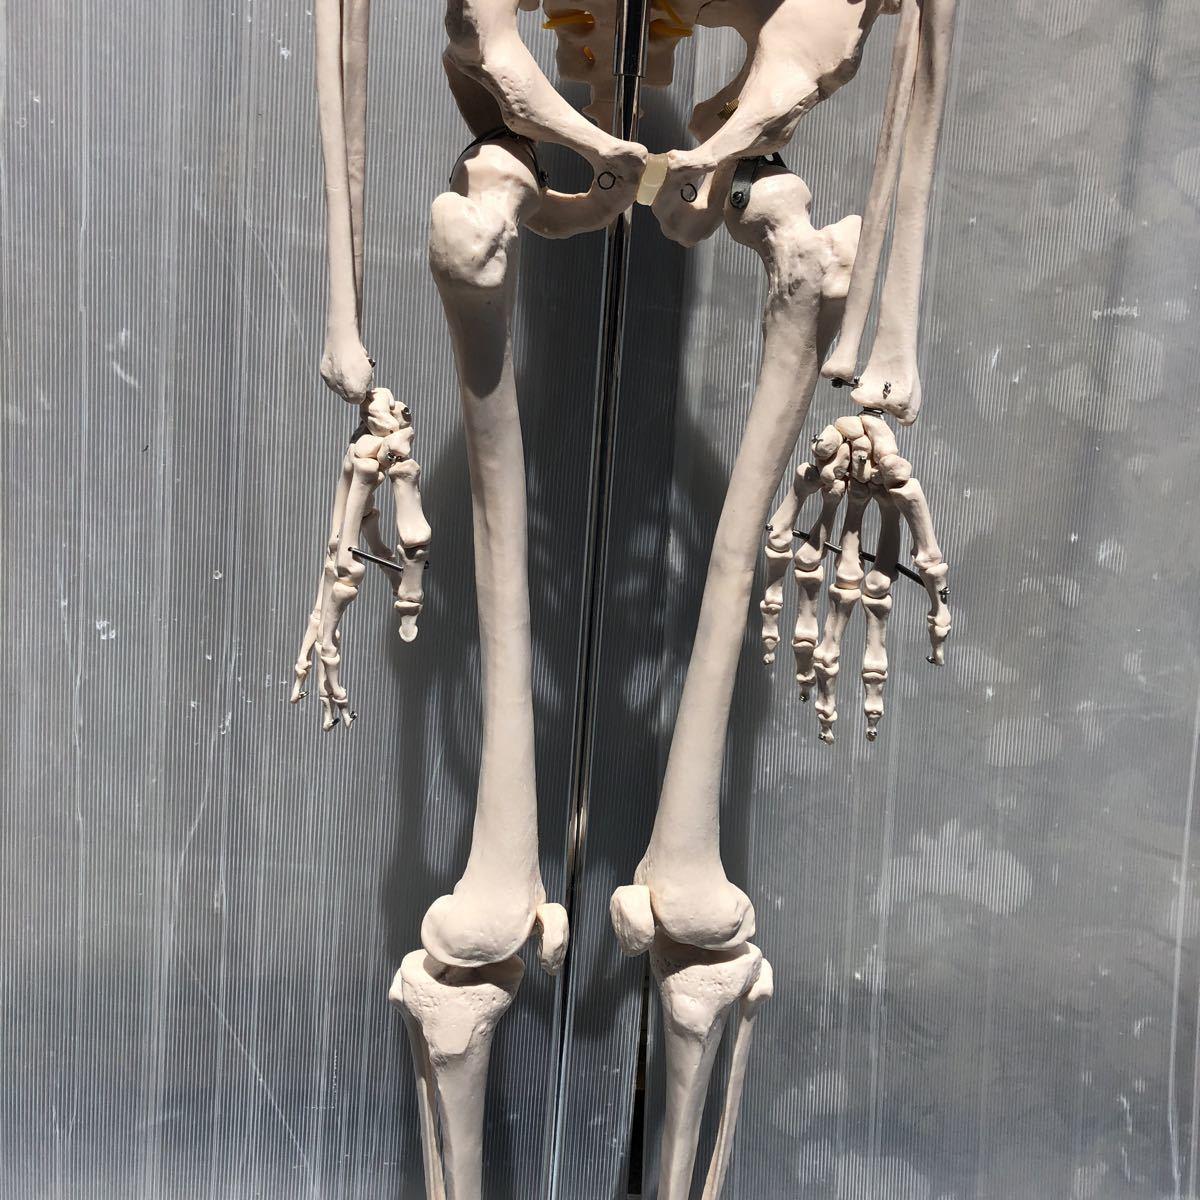 【美品】人体模型 骨格模型 骨格標本 等身大 ヒューマンスカル ガイコツ スカル 約165cm 医学 実験 骸骨 ジャンク 直接取引可能(矢199)_画像5